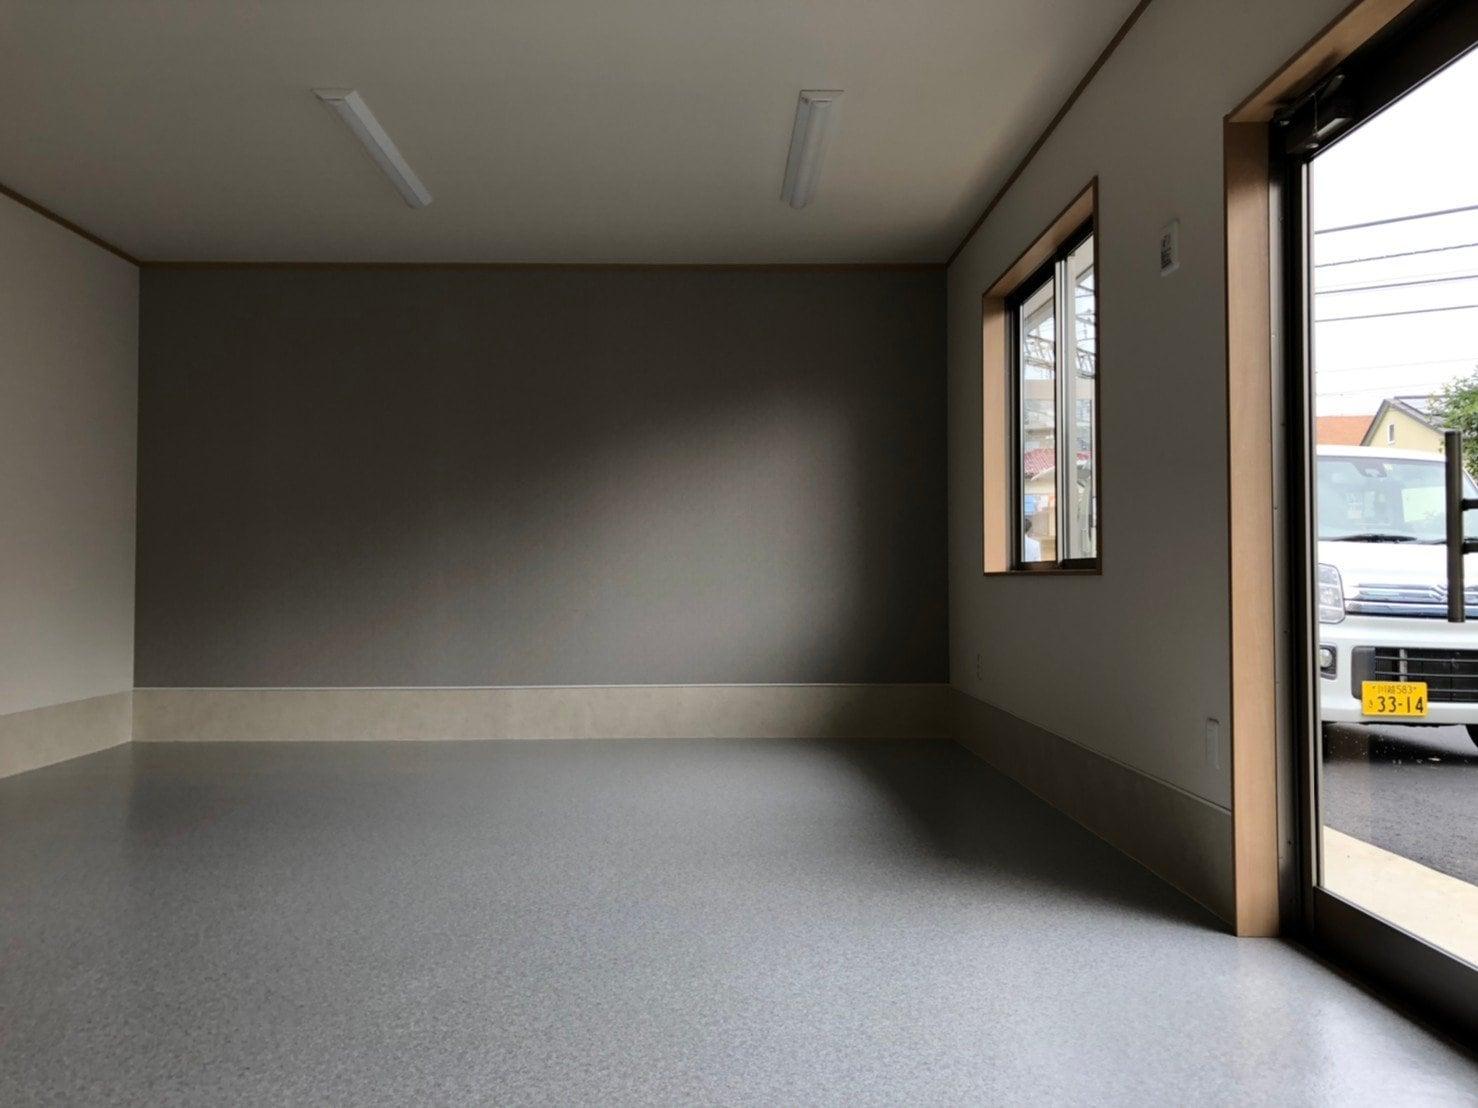 【現地払い又はお振込み専用】埼玉県東松山市 新築貸し事務所・店舗のイメージその6